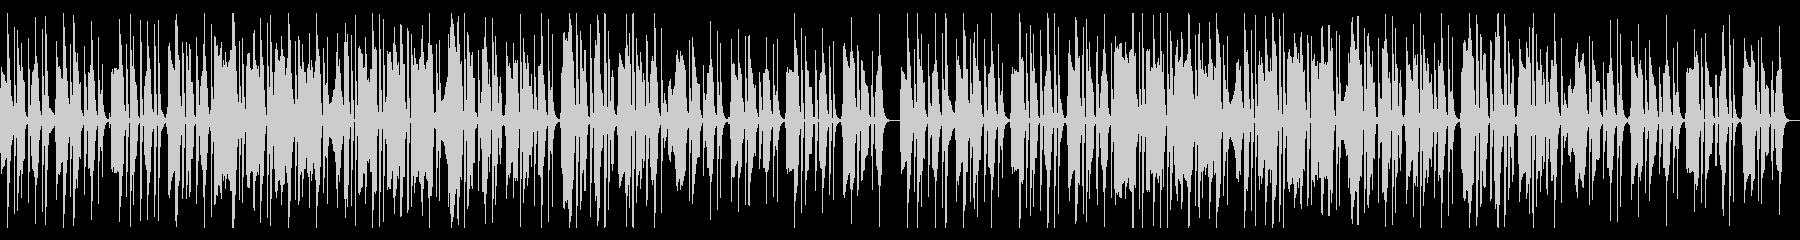 【ループ版】YouTube すれ違う…の未再生の波形